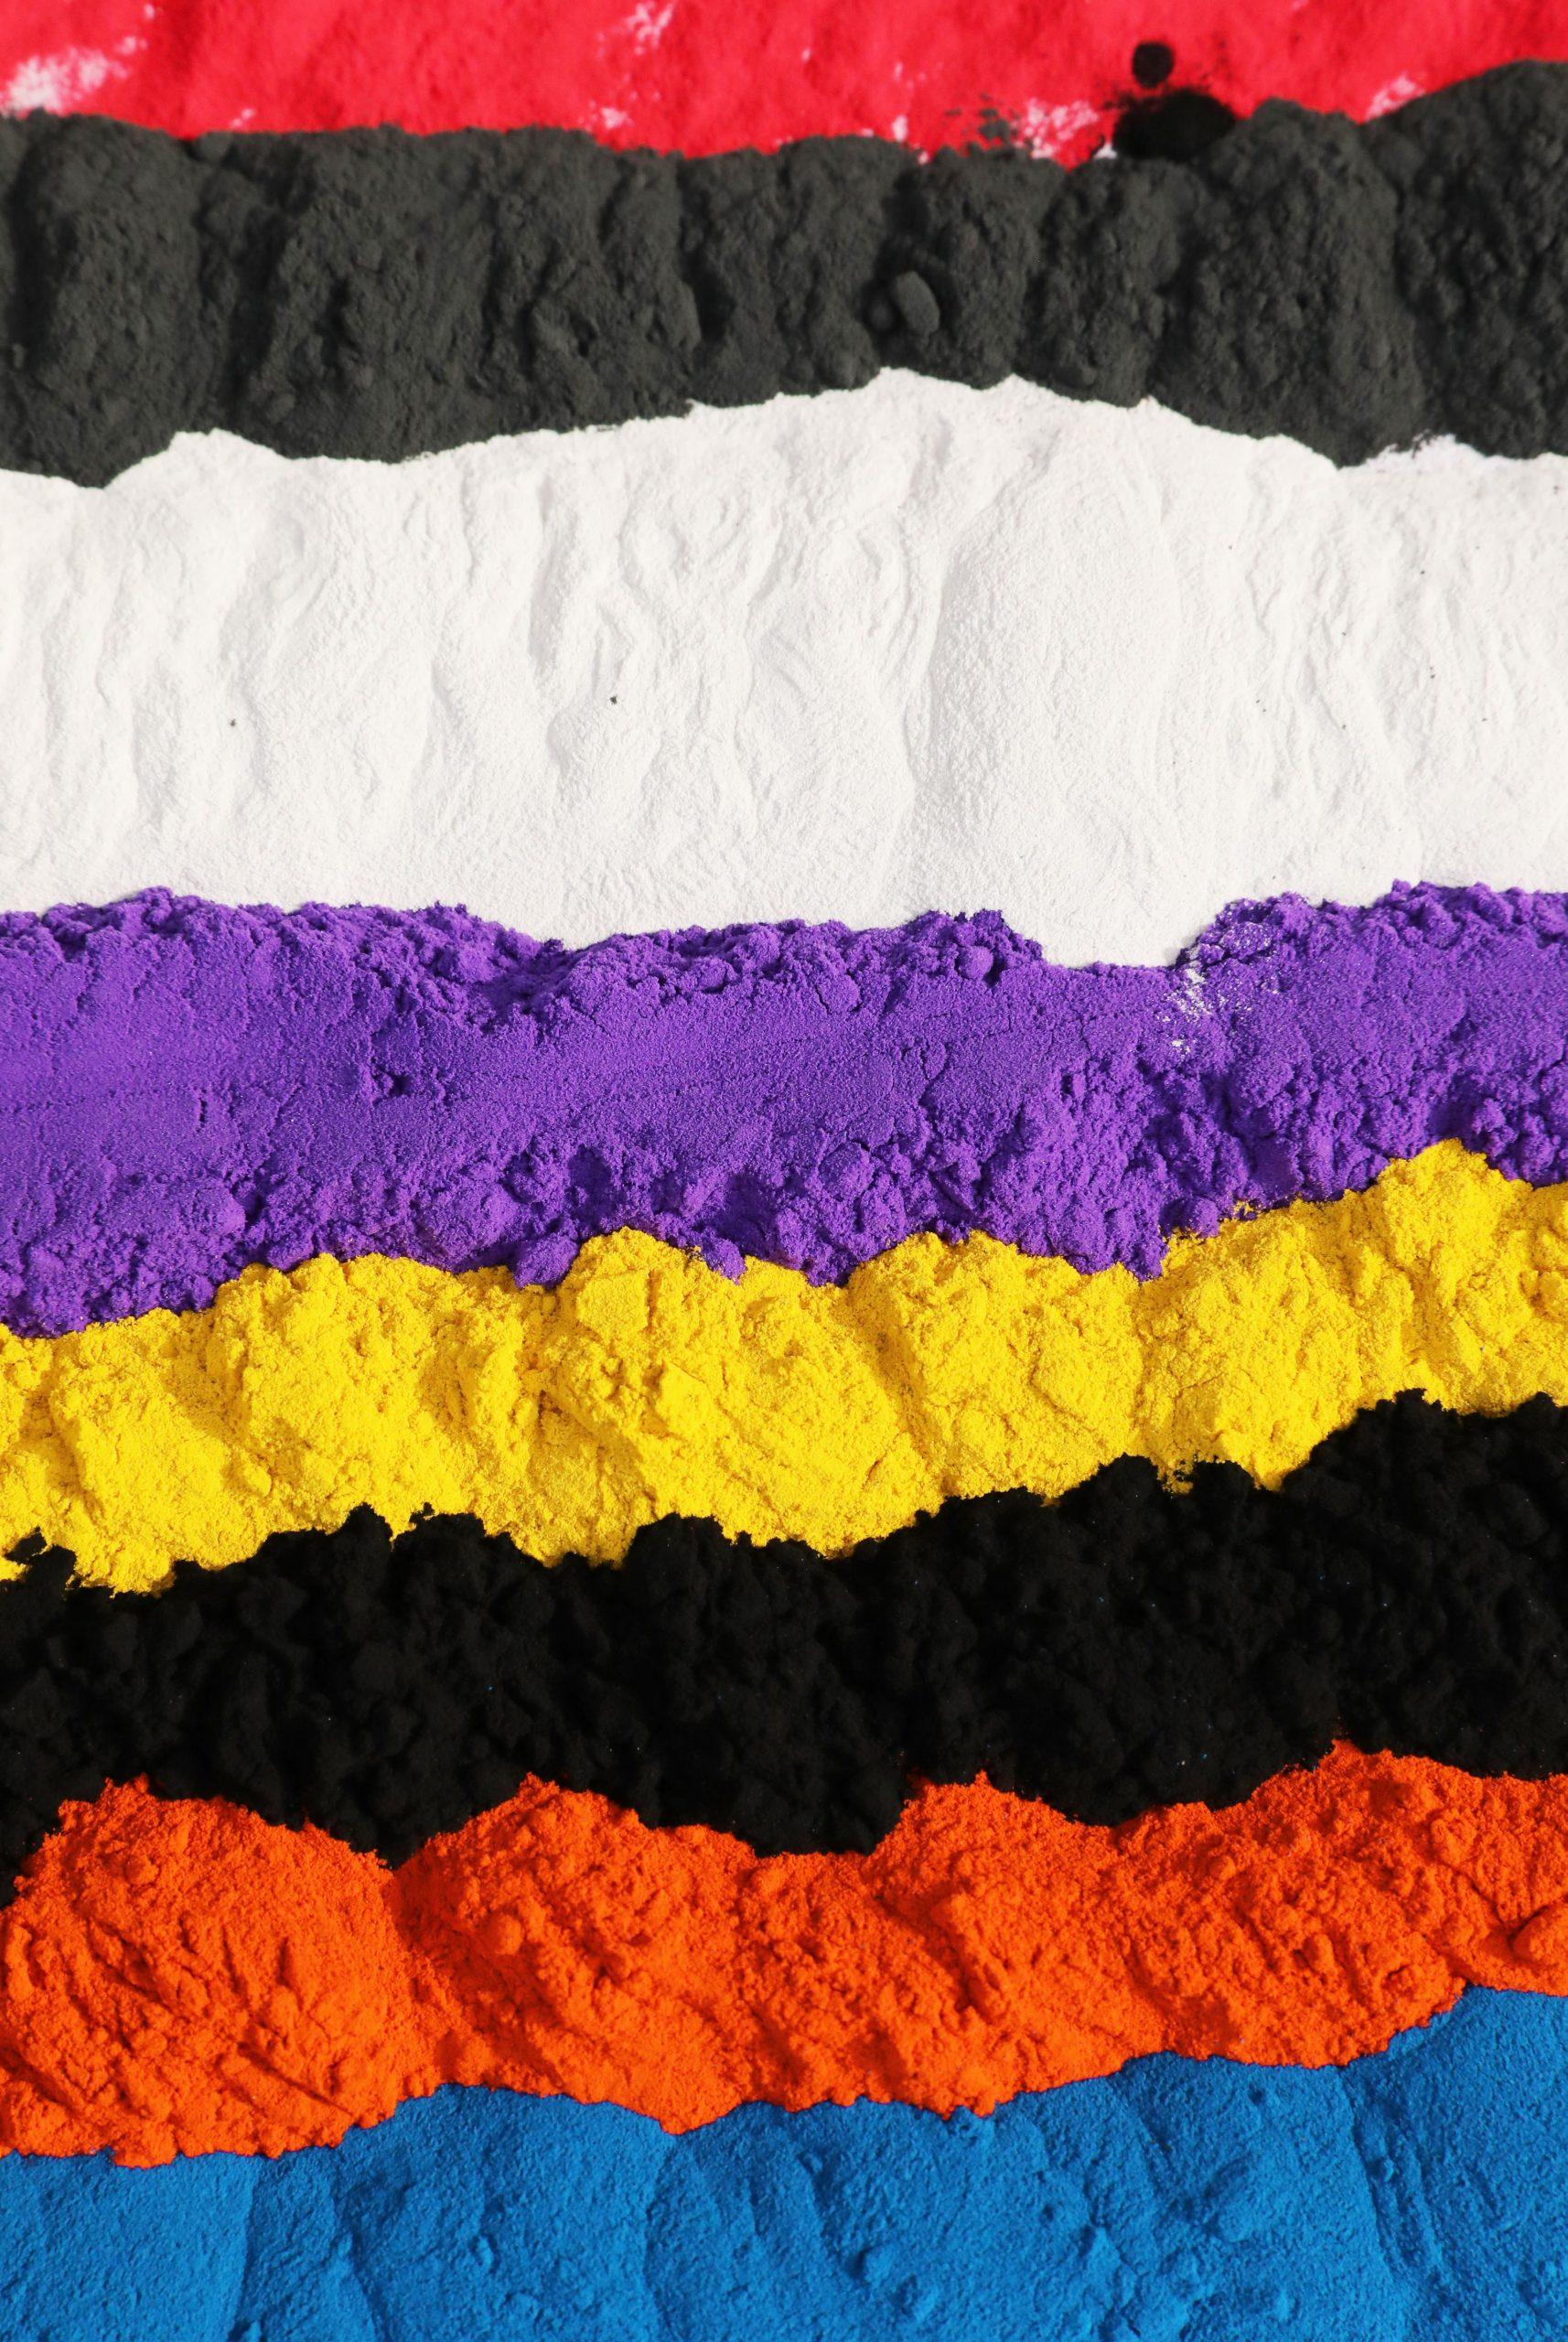 Axis Powder Coat Color Options